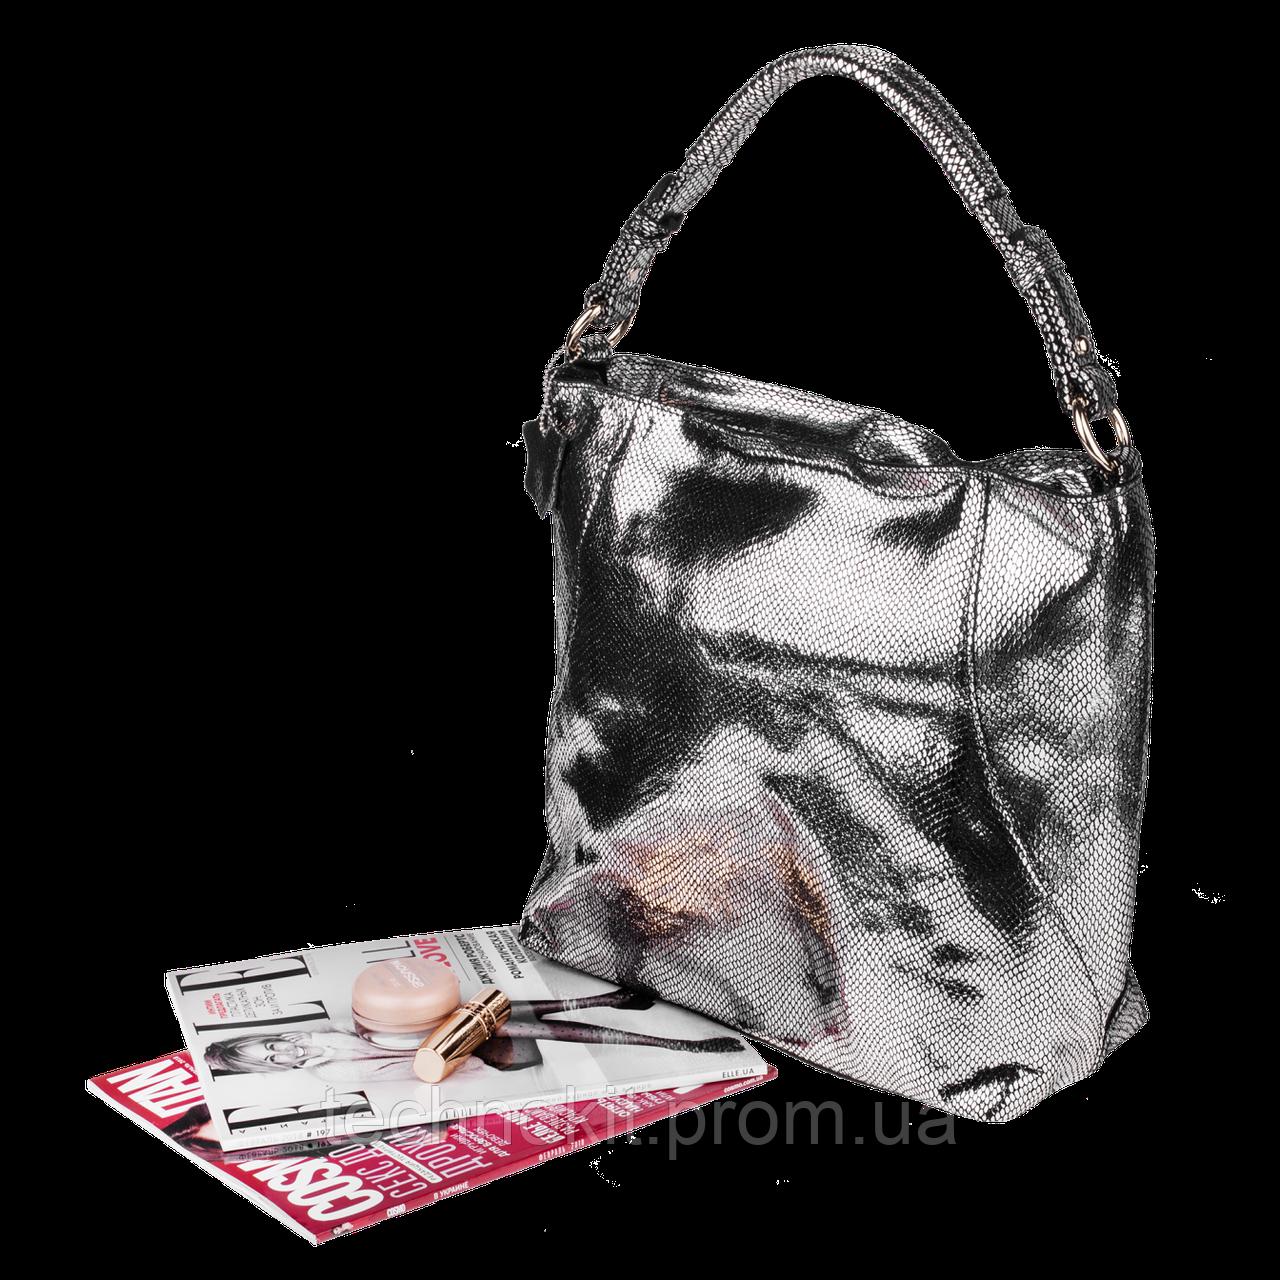 Кожаная женская сумка Realer 2032-1 античное серебро